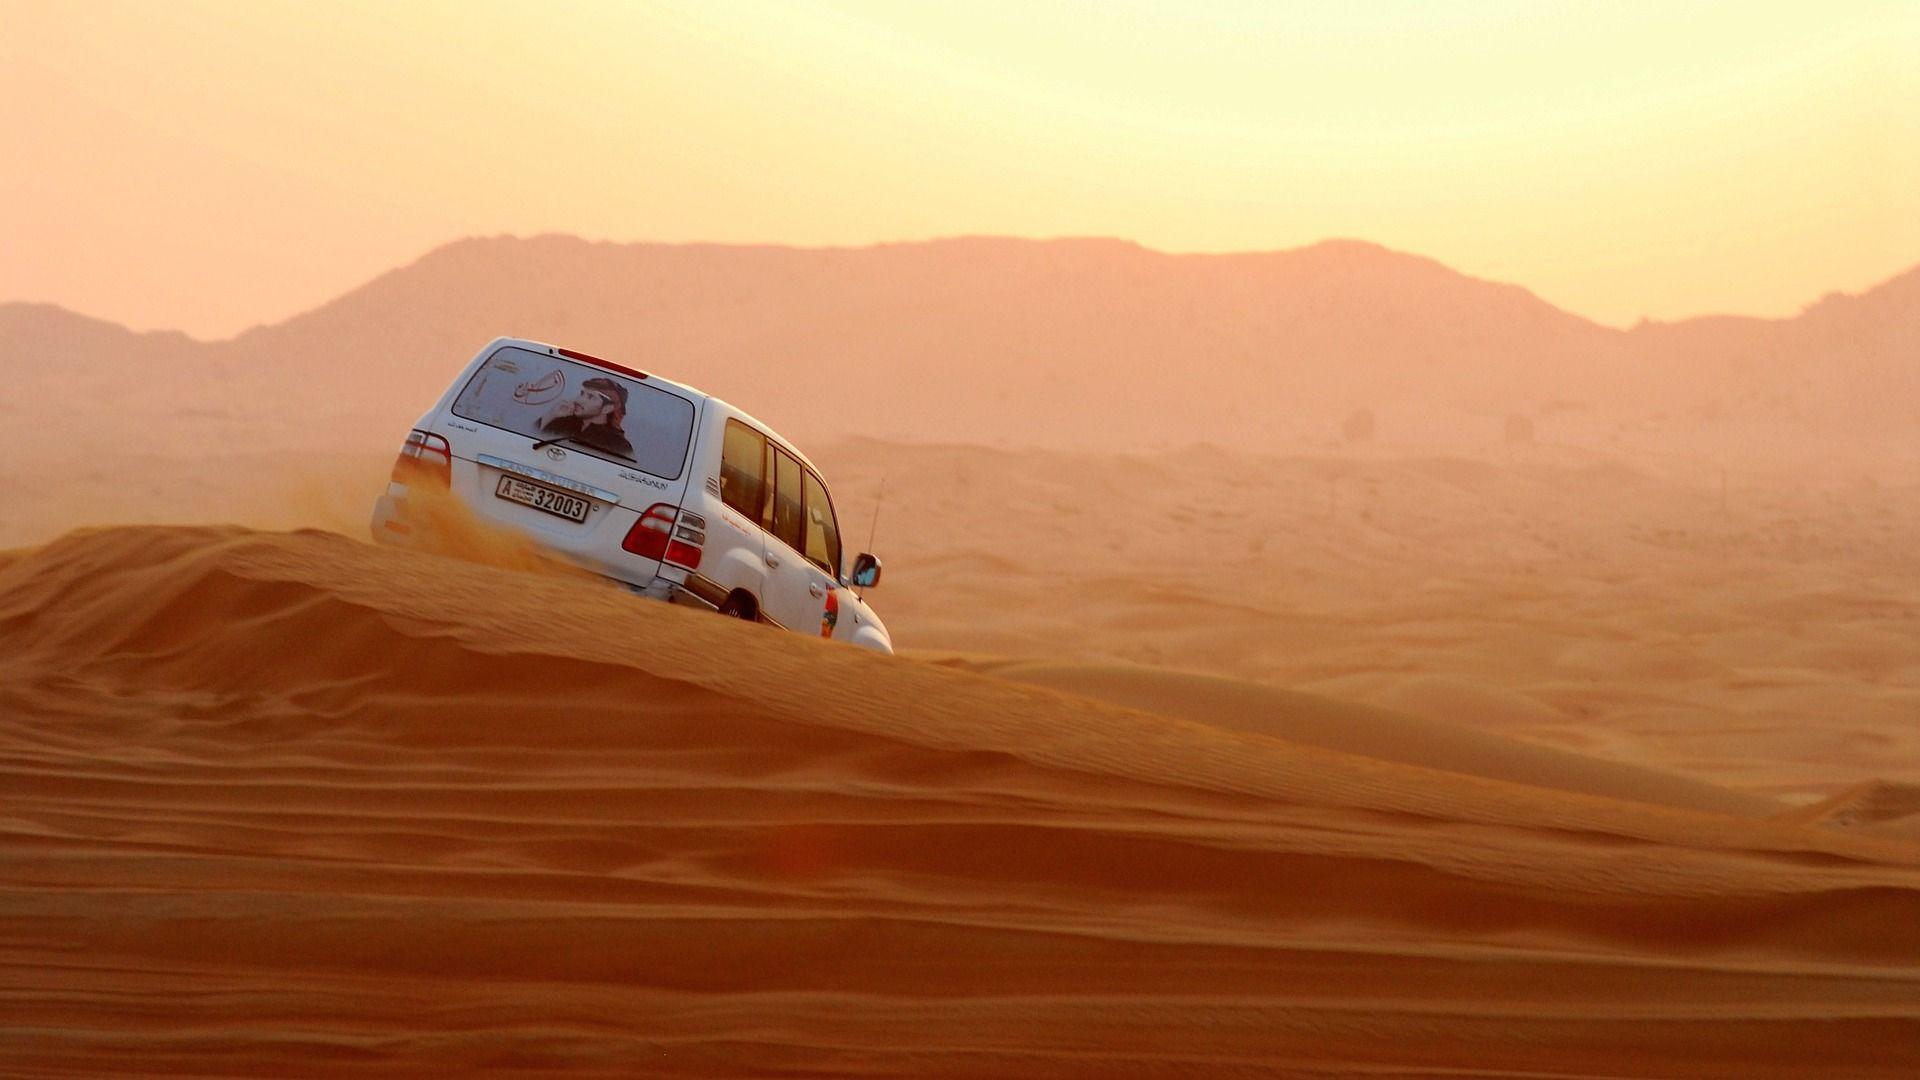 Dubai Desert Safari Hd 1080p Wallpaper Desert Safari Dubai Hd 2036451 Hd Wallpaper Backgrounds Download